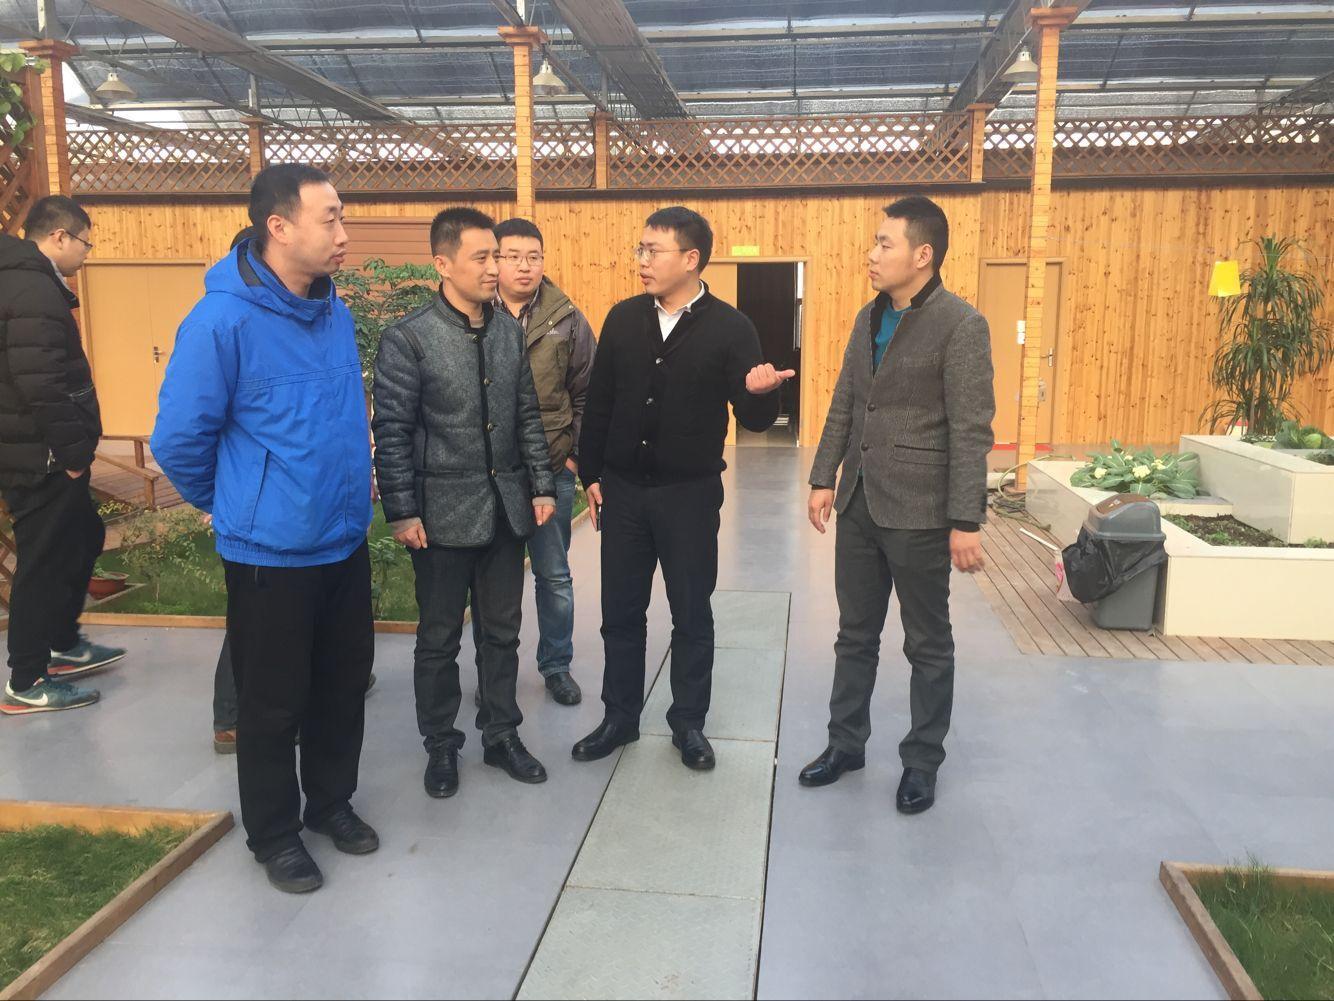 热烈欢迎南通大学领导一行莅临永尚科技-净水、空气净化器、水耕家庭植物工厂参观指导